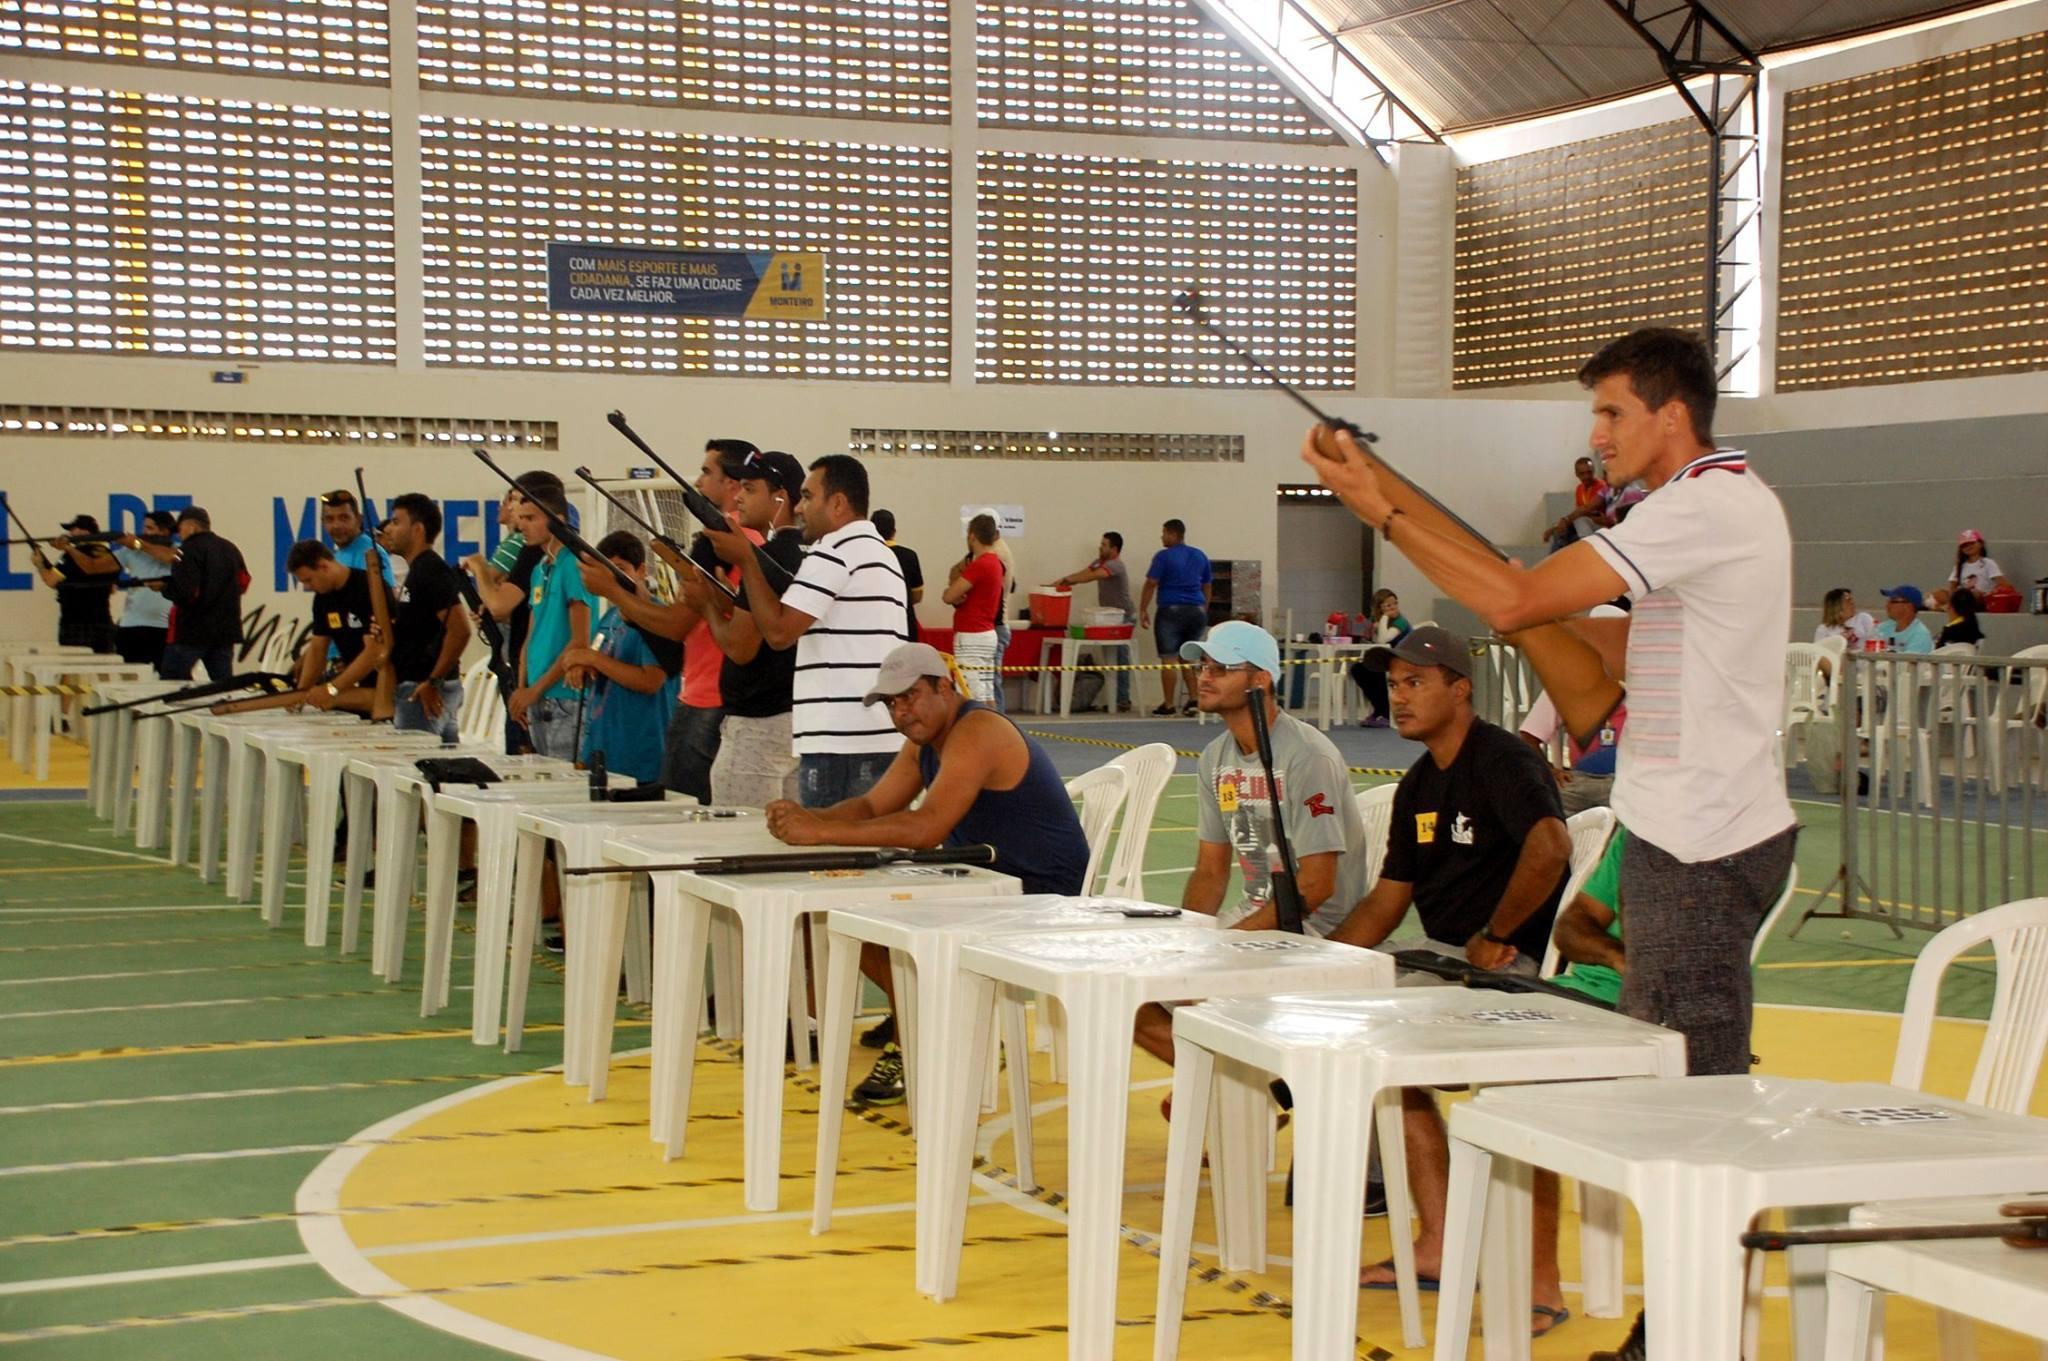 18768191_1889324561340734_6468302097174096098_o-300x199 Participantes comemoram o sucesso do Torneio de Tiro Esportivo de Monteiro